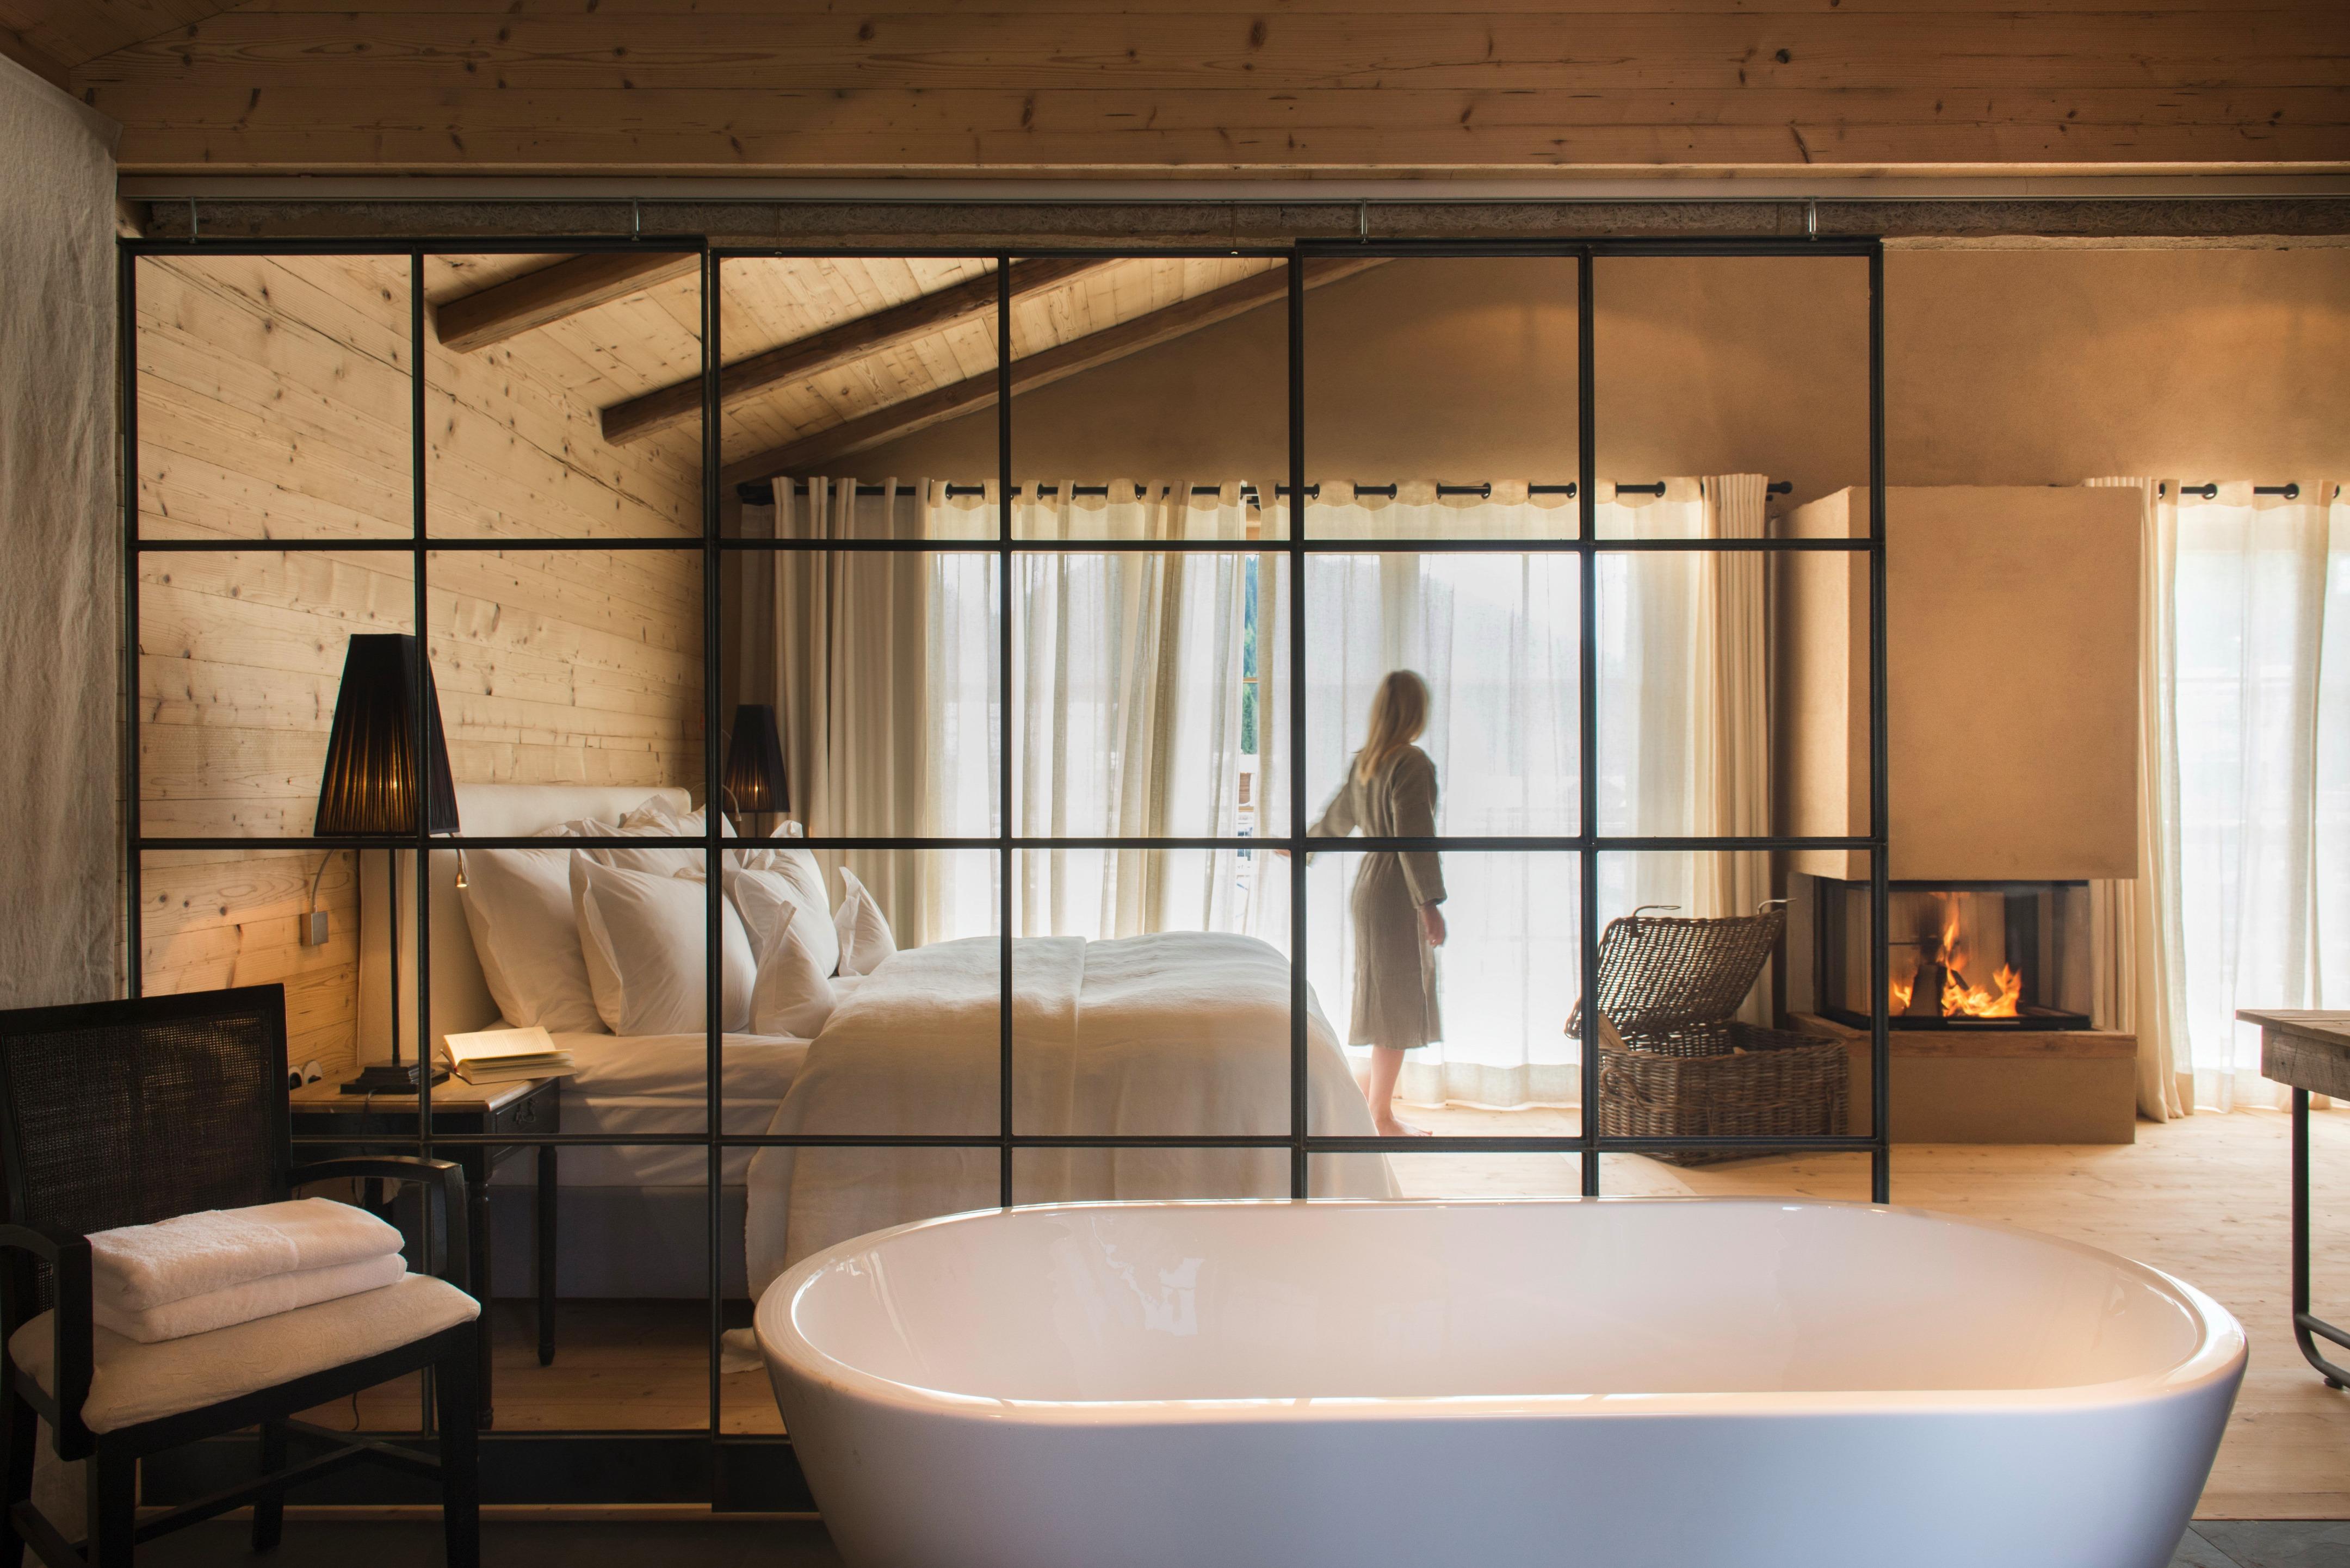 Trentino Alto Adige Artigianato san luis - private retreat hotel & lodges | demetzarch